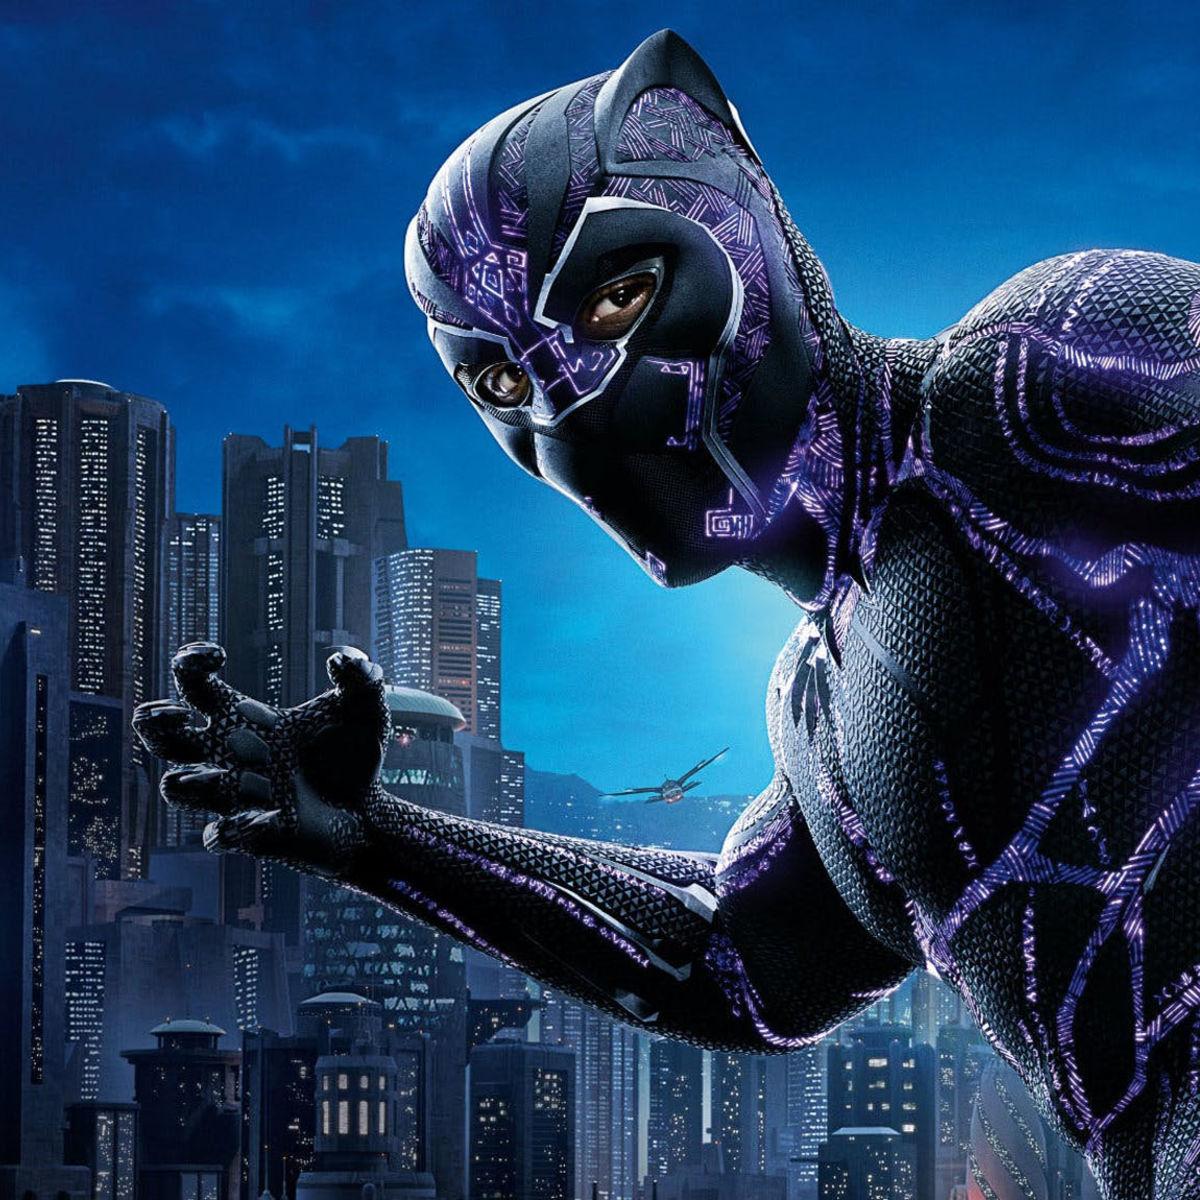 black_panther_hero_image.jpg